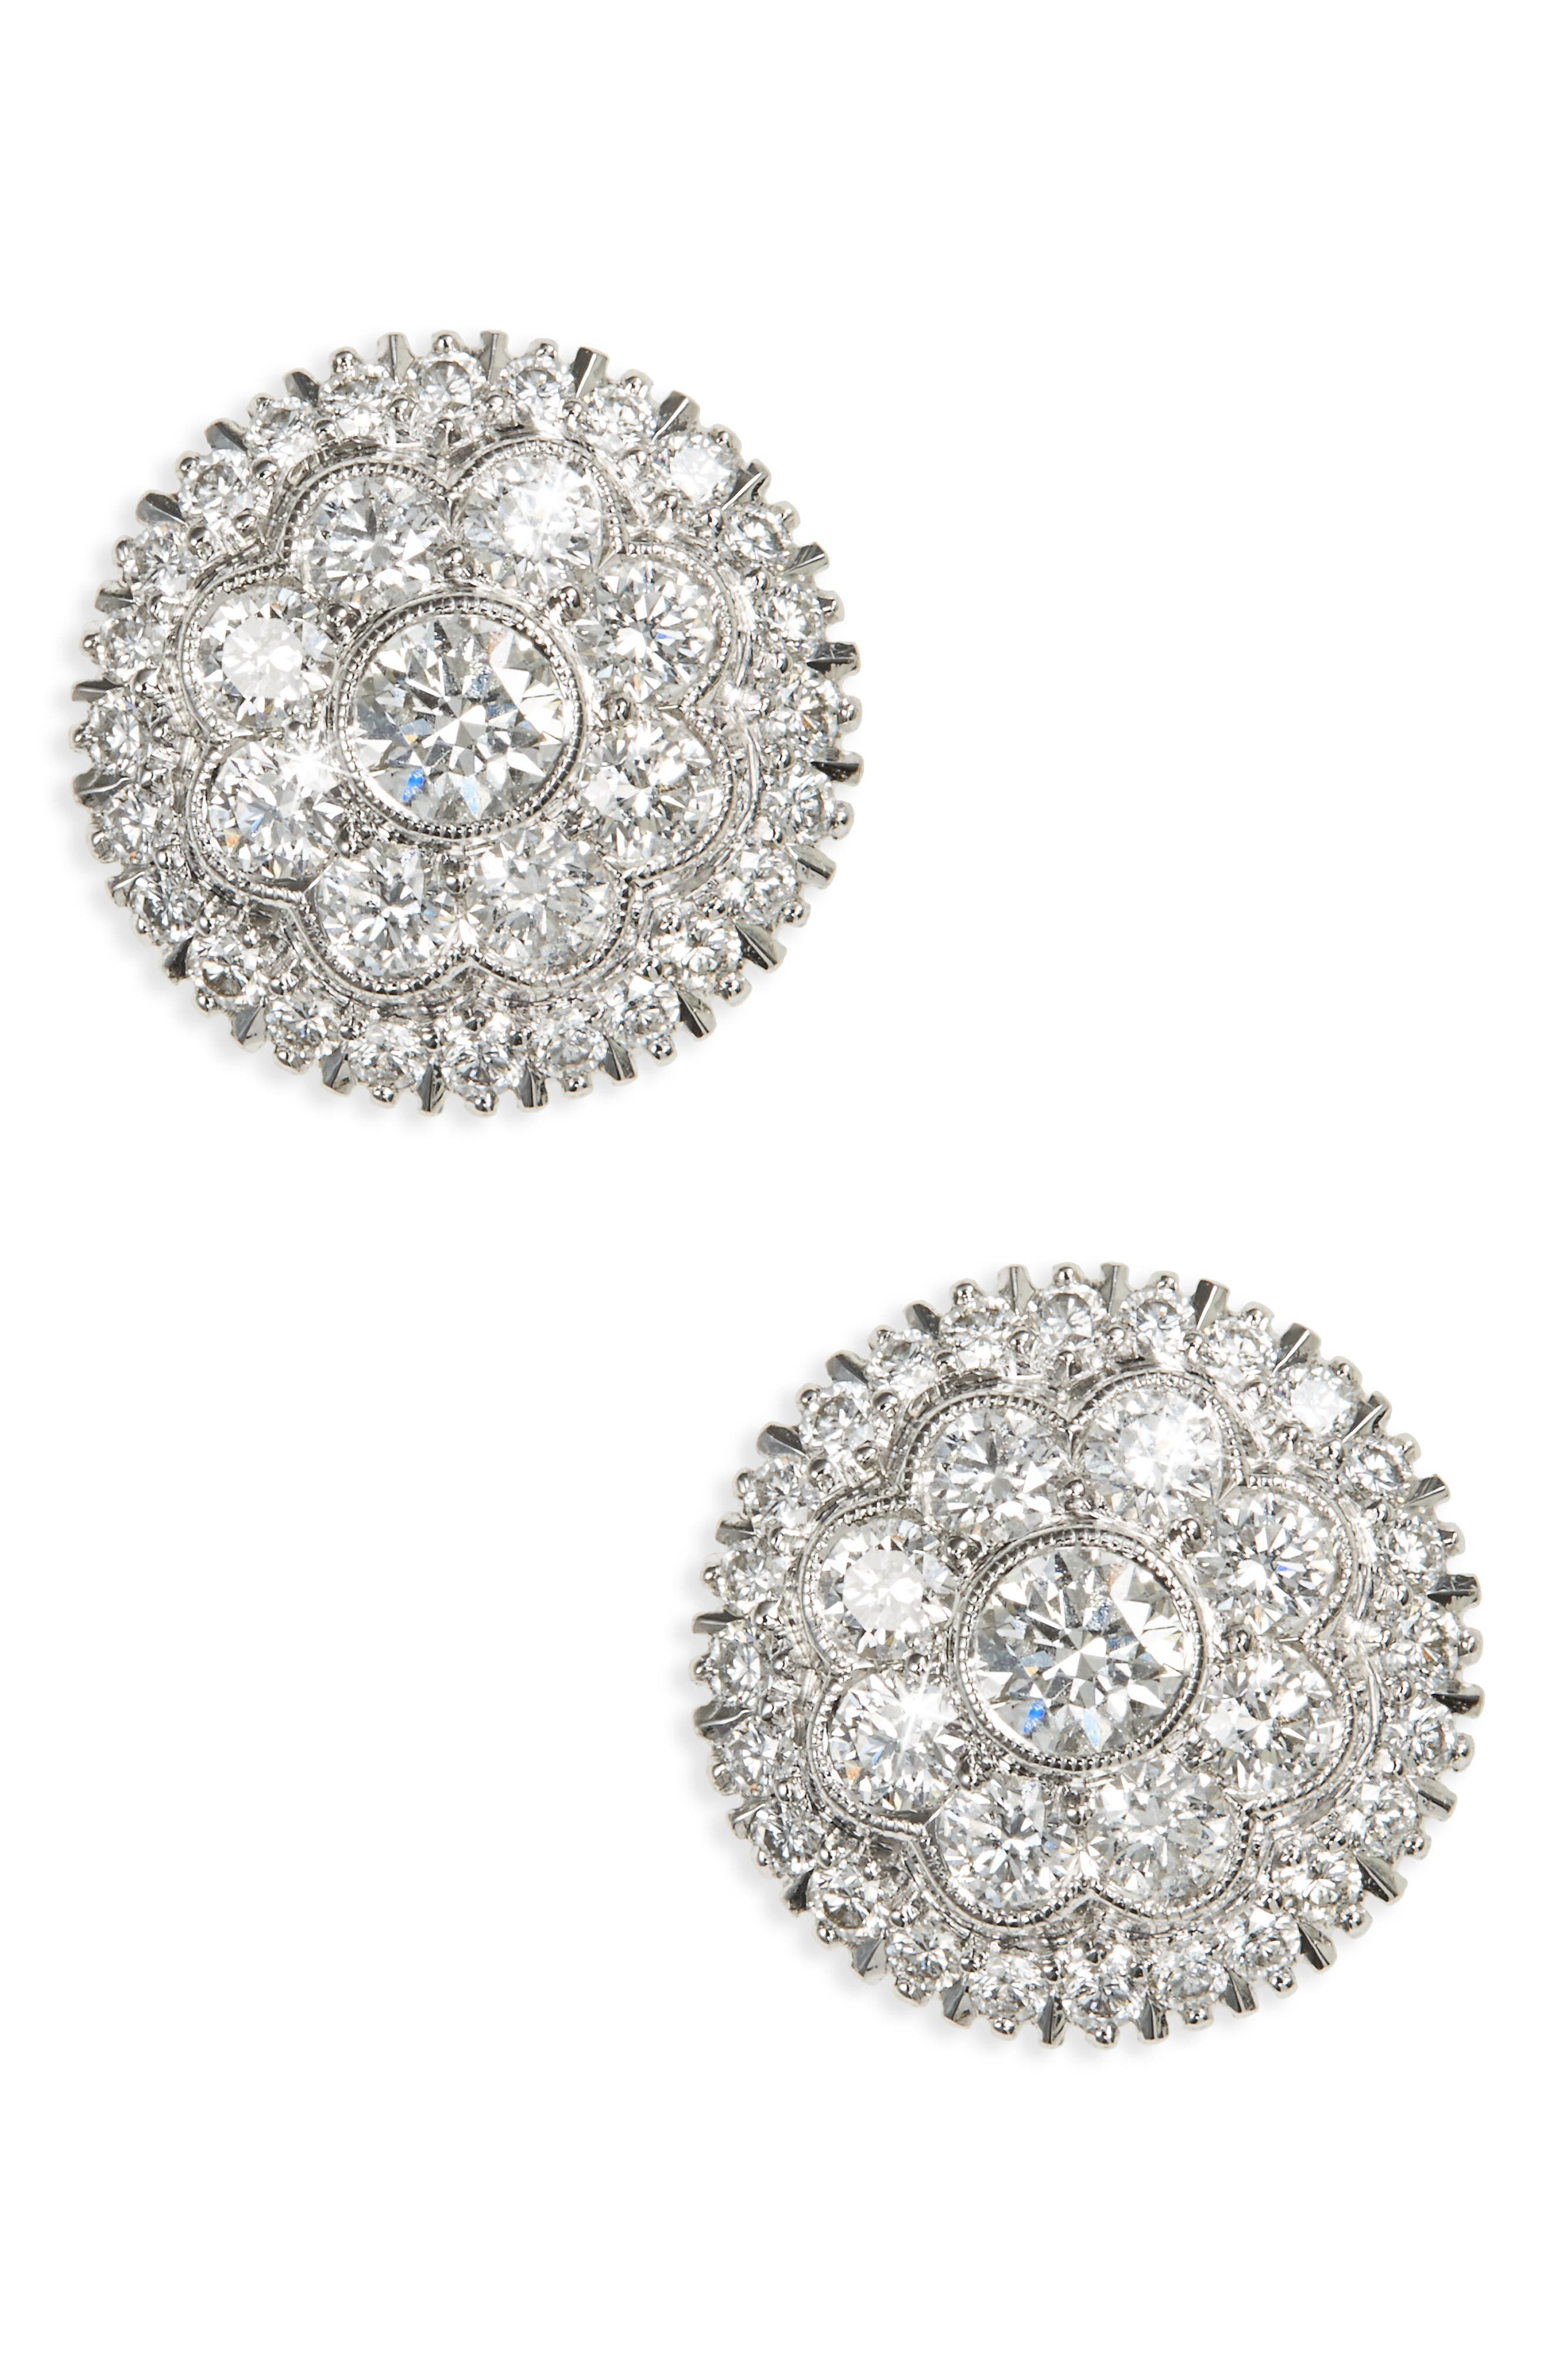 Main Image - Kwiat Diamond Stud Earrings